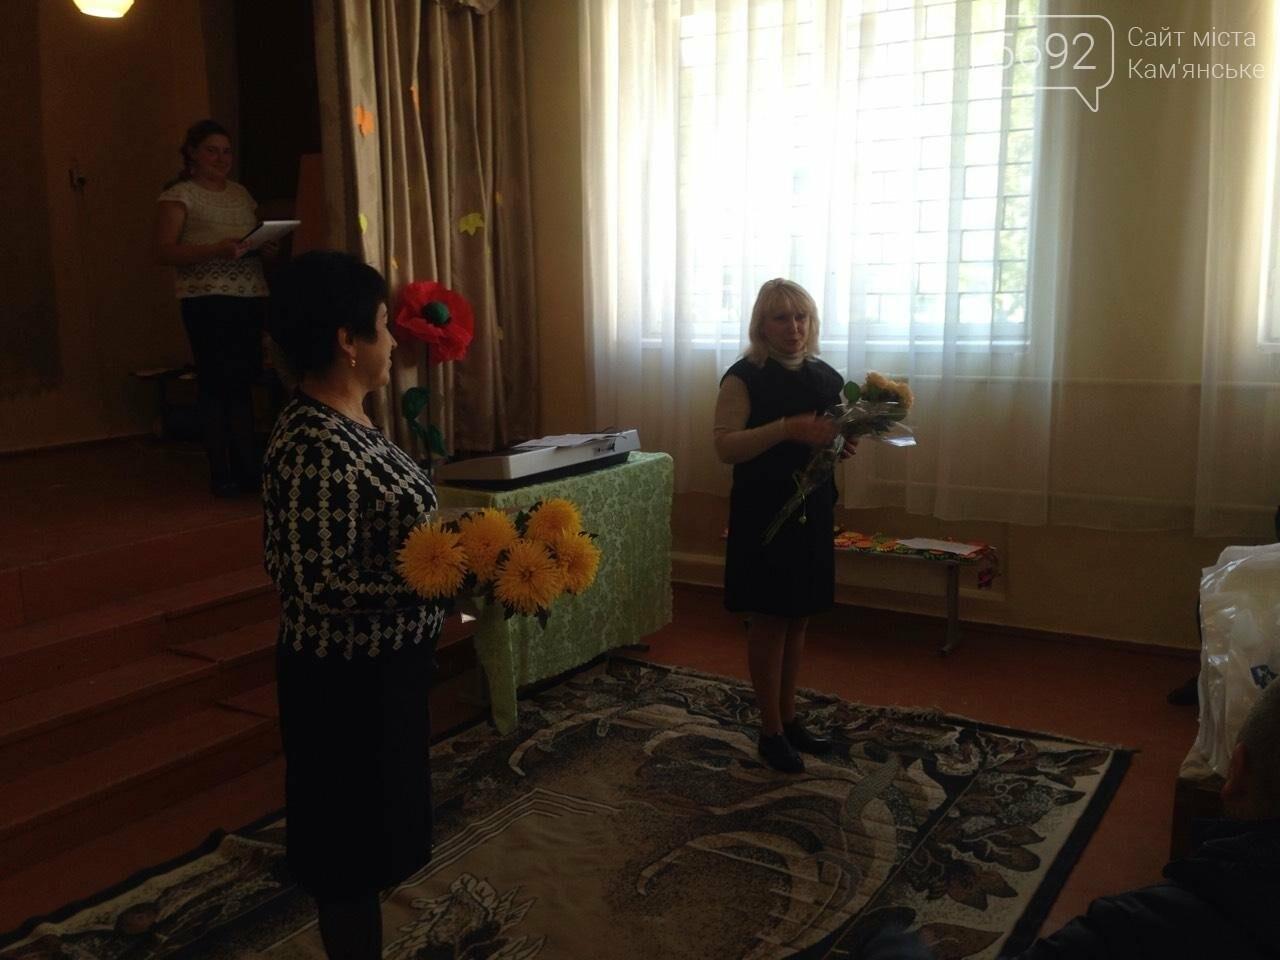 Депутат Каменского горсовета поздравил учителей с профессиональным праздником, фото-5